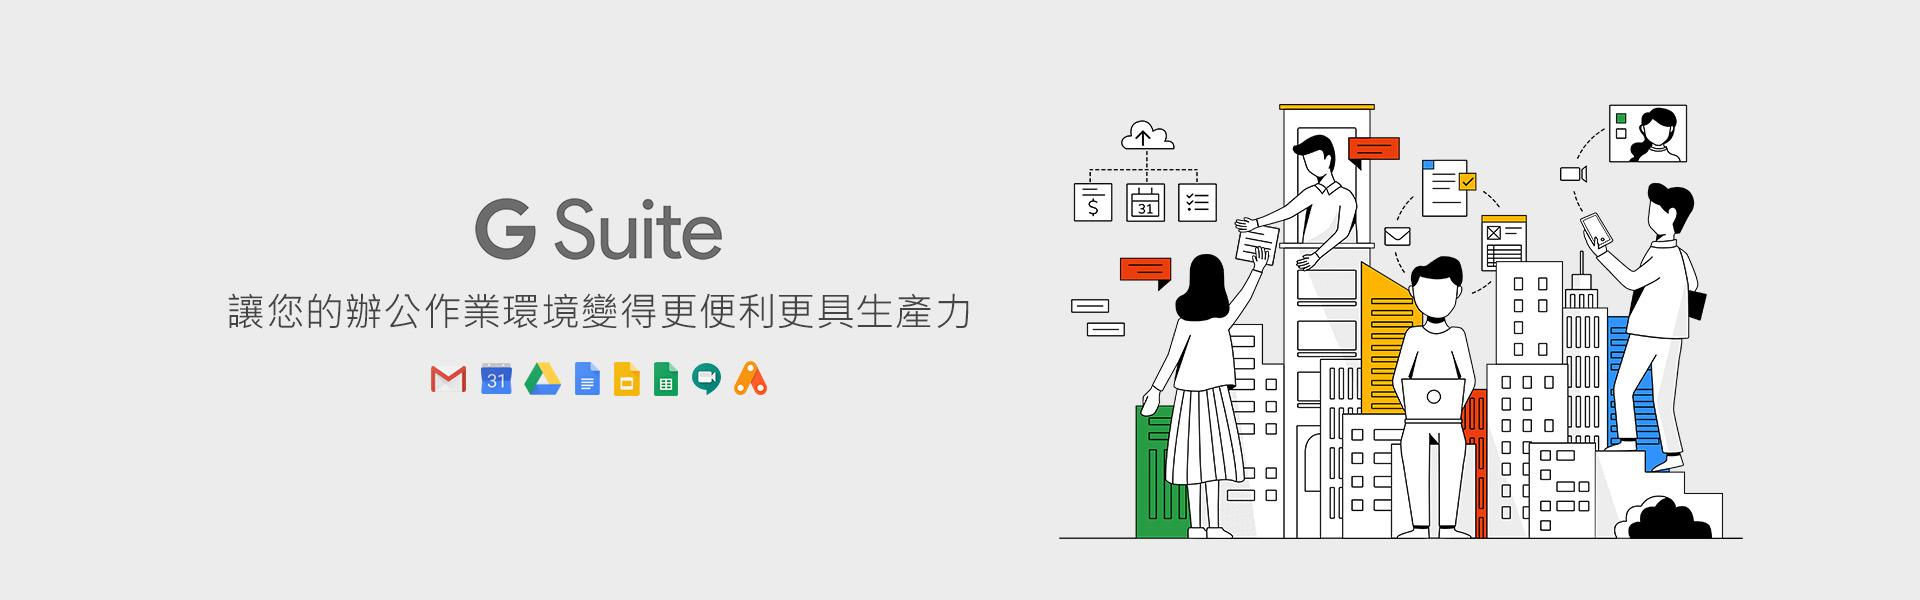 G Suite讓您的辦公作業環境變得更順利